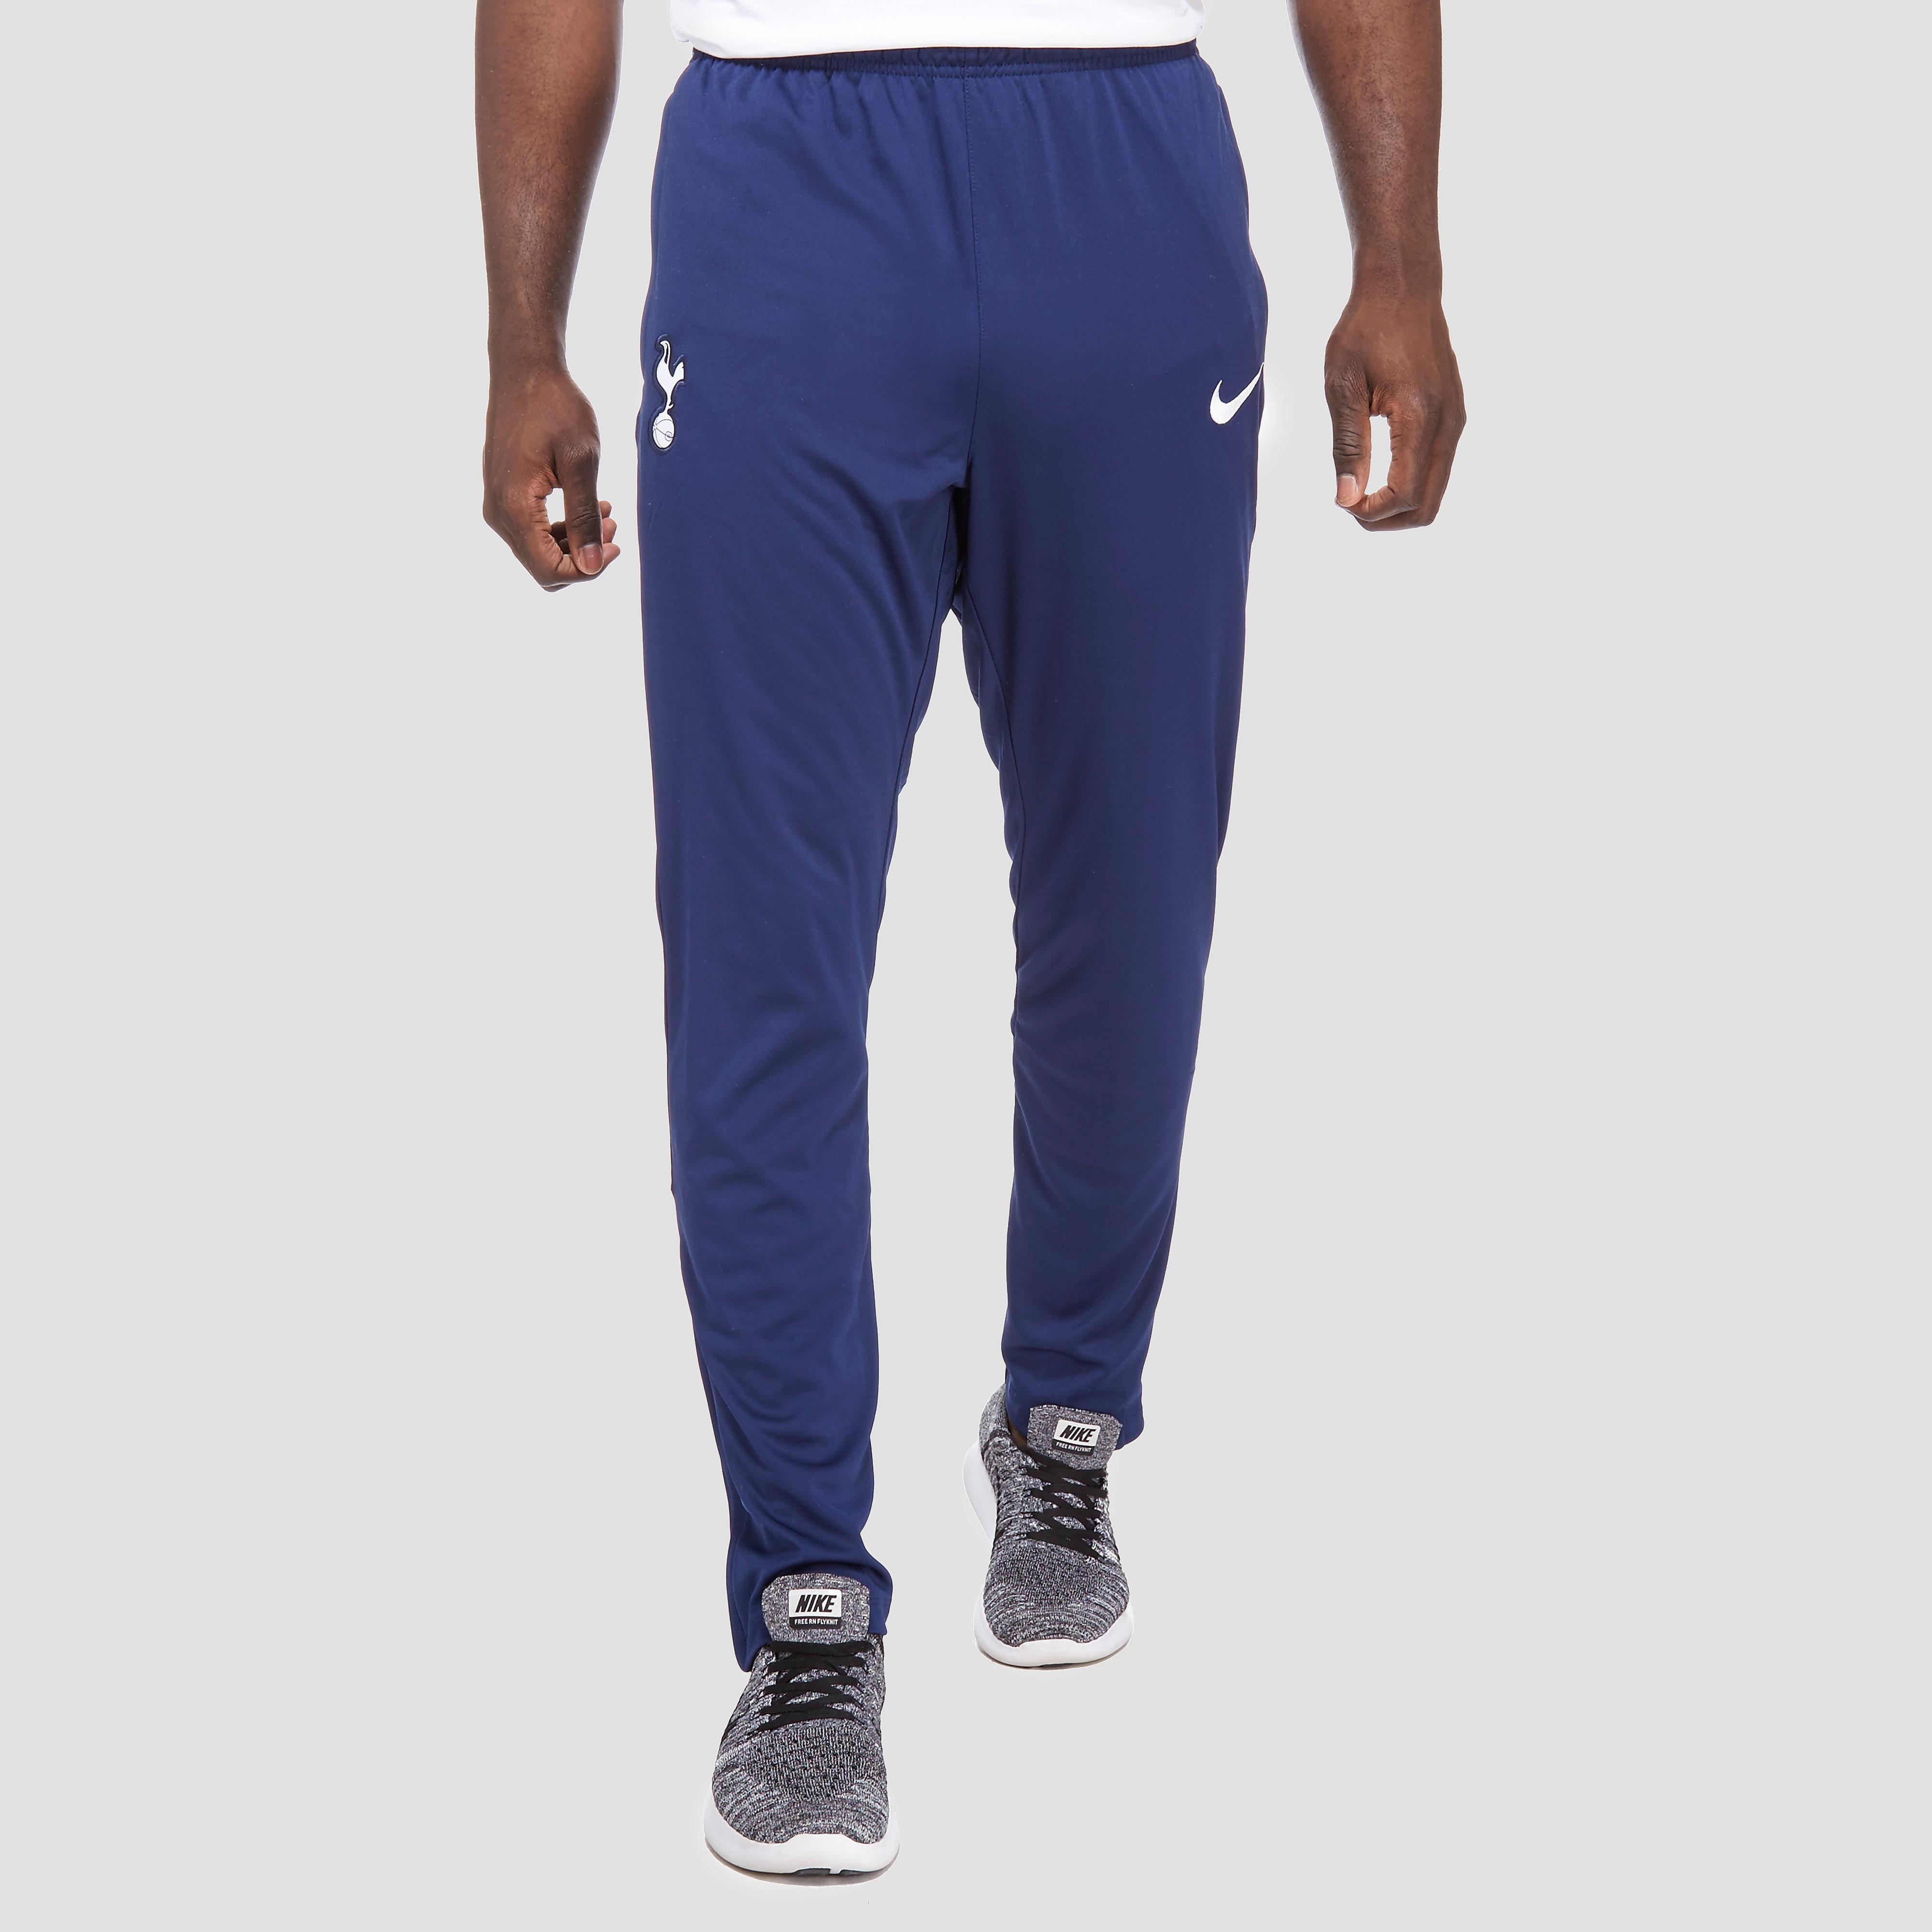 Nike Tottenham Hotspur 2017 Squad Track Pants